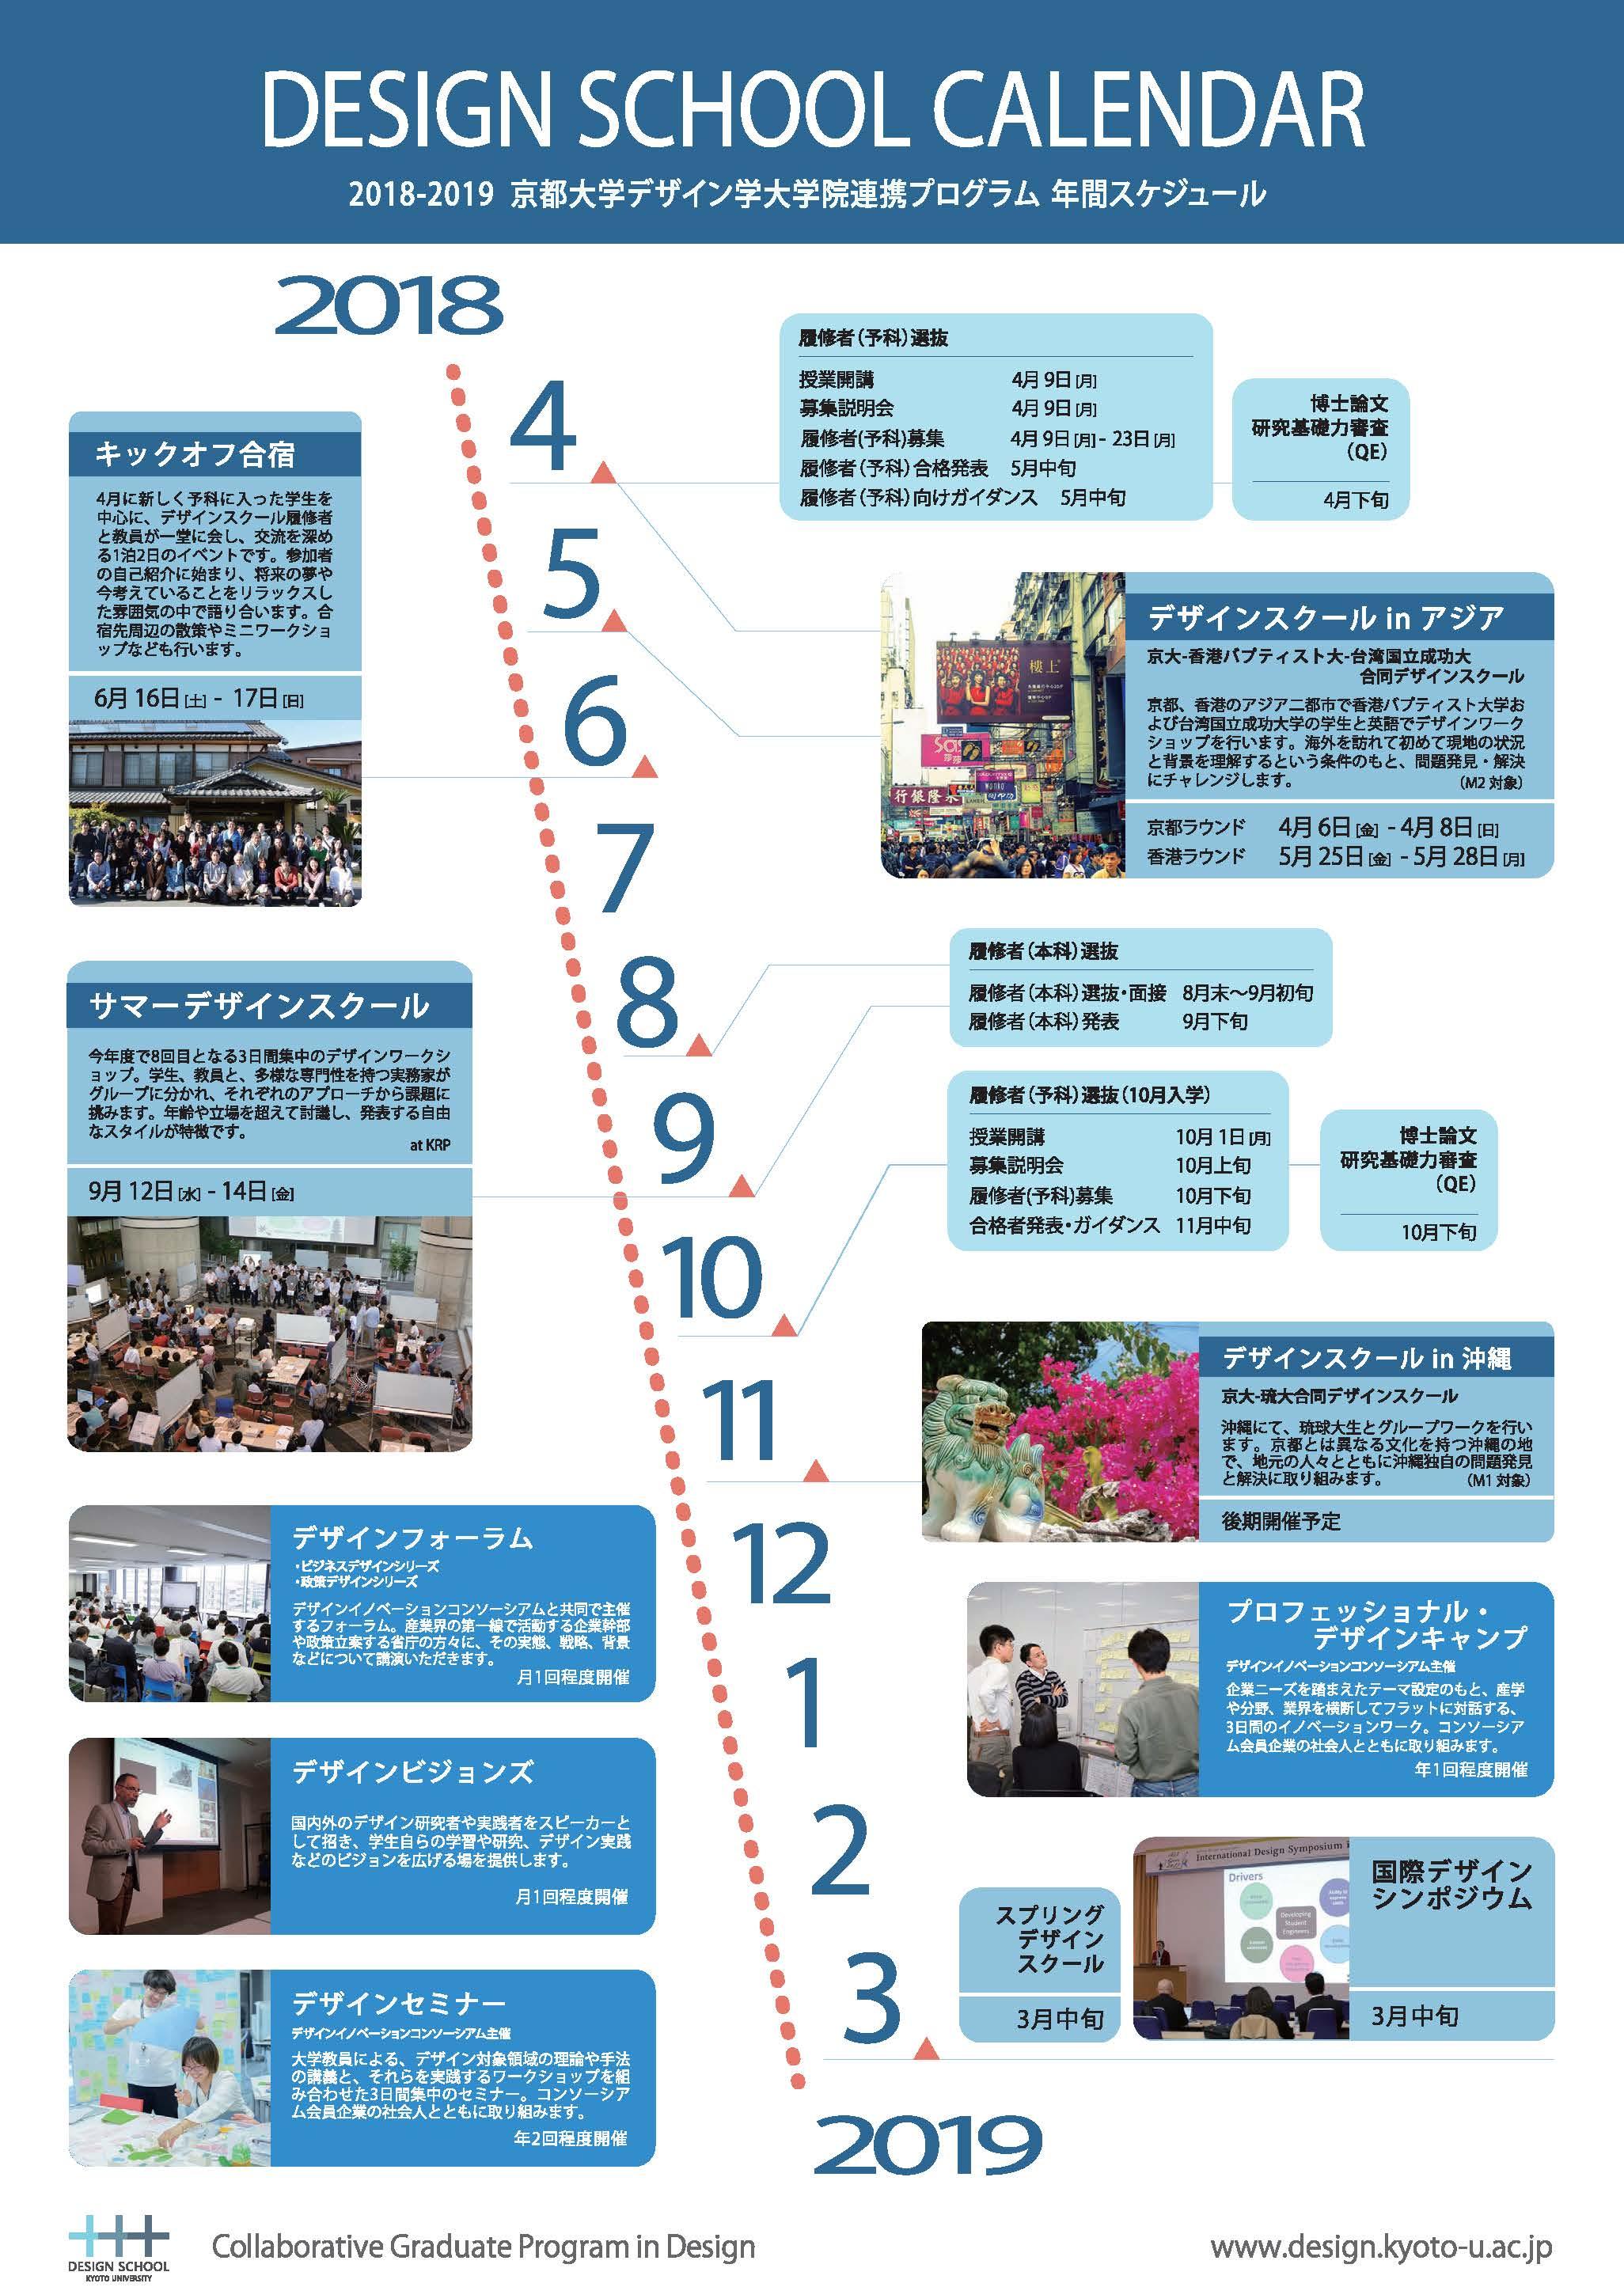 平成30年度スケジュール Schedule 2017